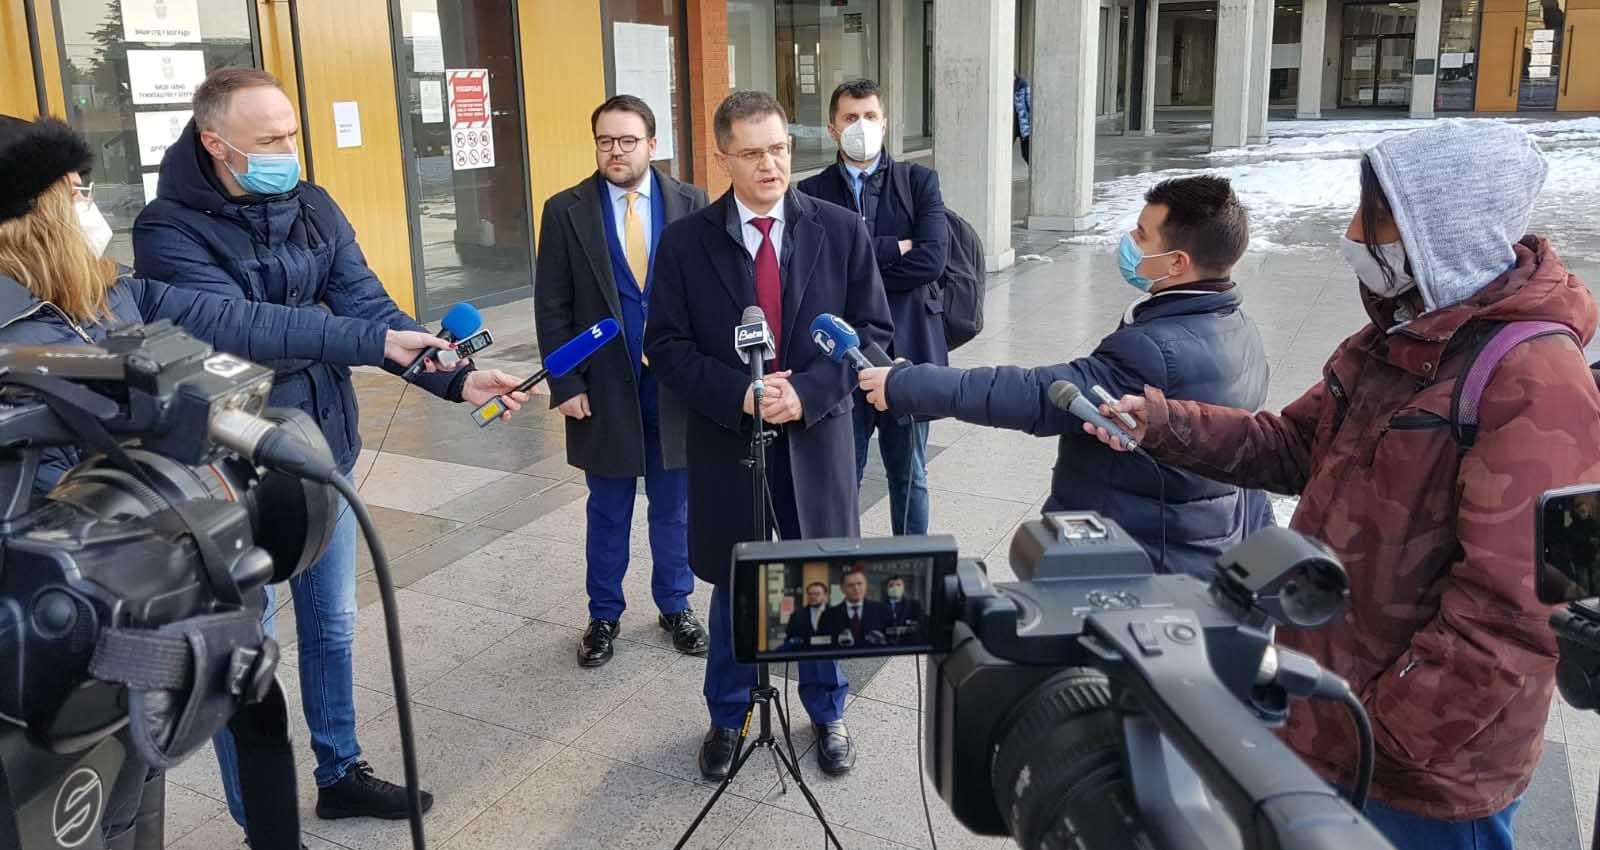 Јеремић: Вучићева одбрана вуче очајничке потезе, али неће избећи правду